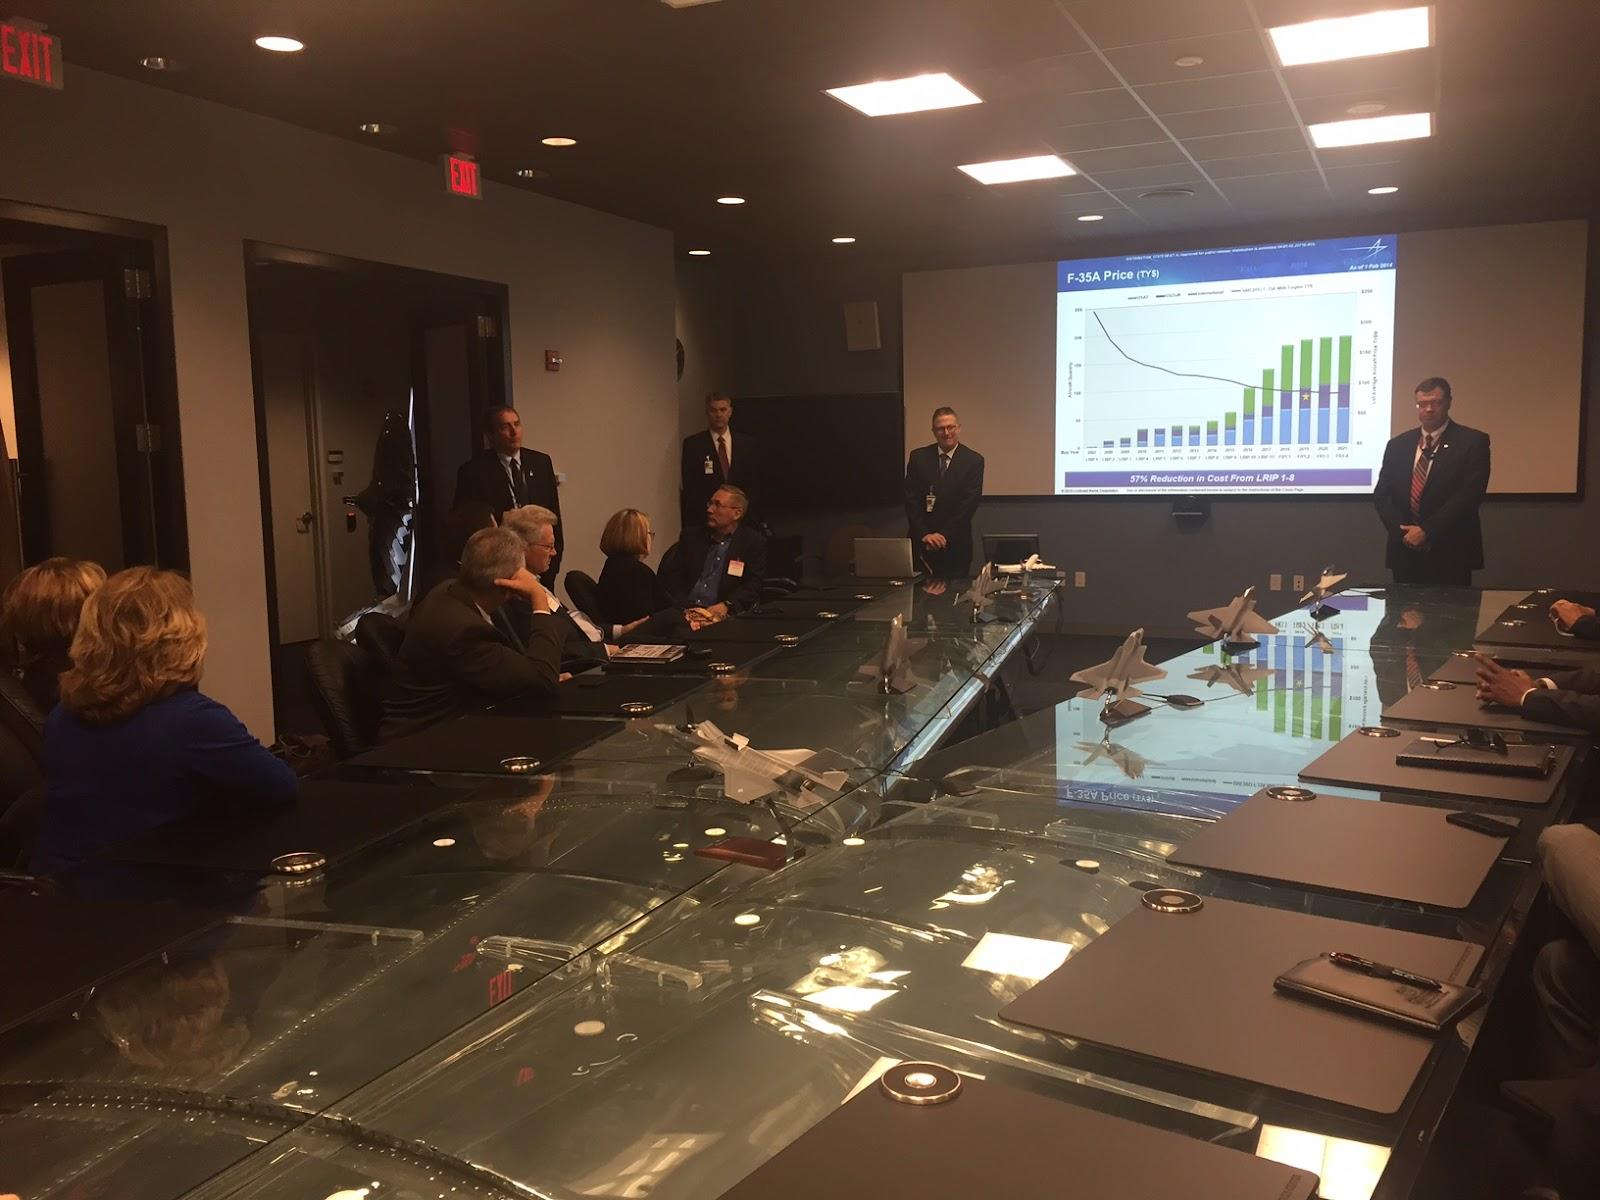 Washington DC CEO Summit 2016 - F-35%2BLockheed%2Bmeeting.jpg